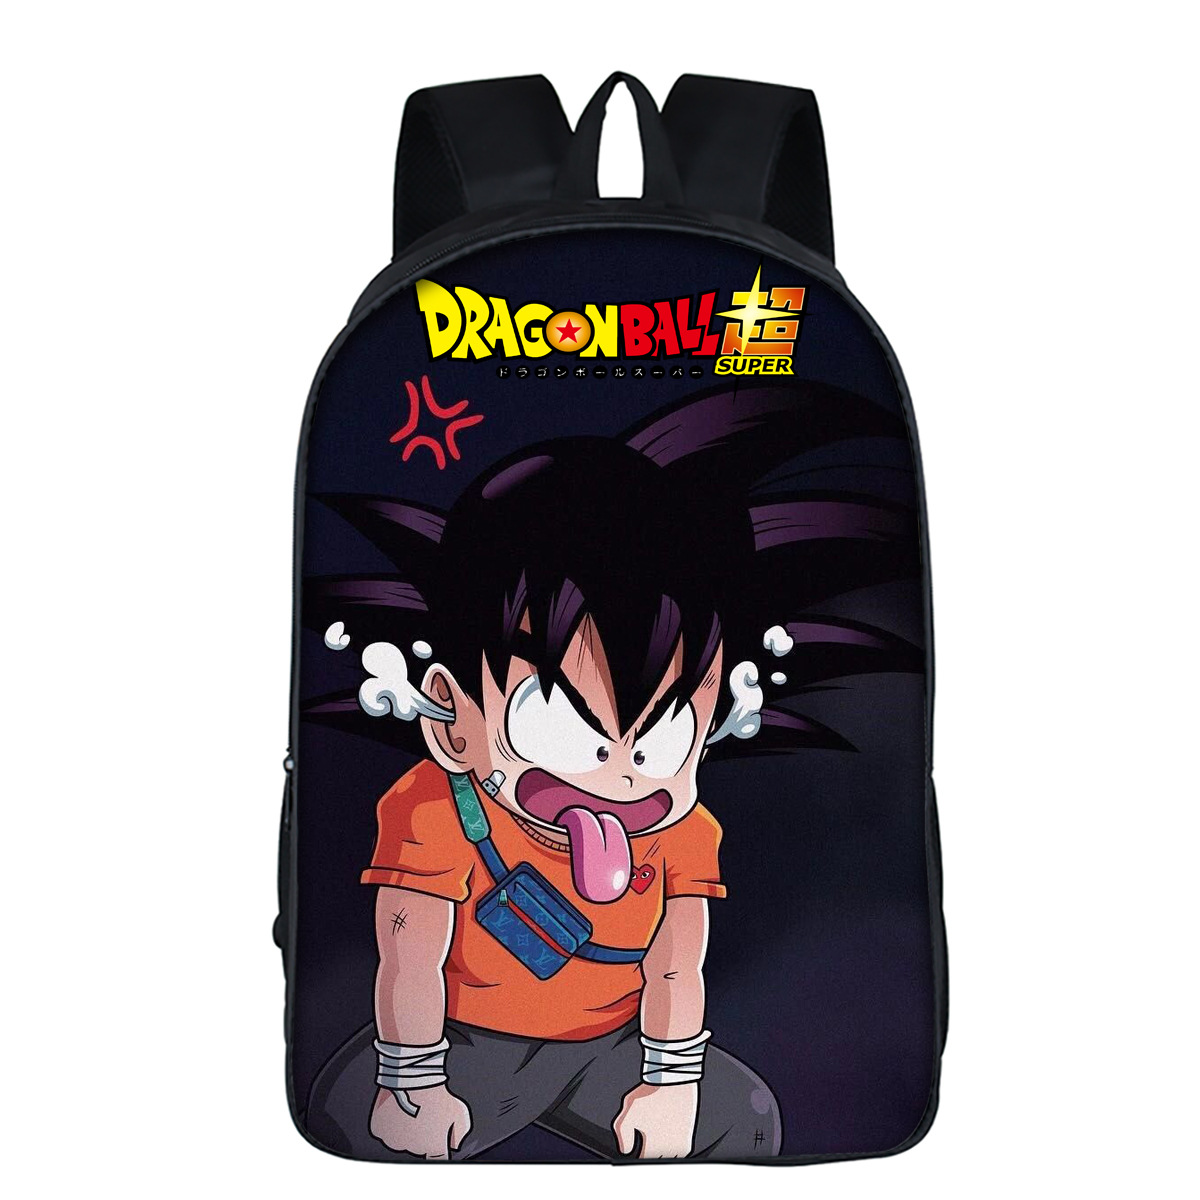 ANIME Dragon Ball Z Shoulder BAG SCHOOL BACKPACK Son Goku School Shoulder Bag